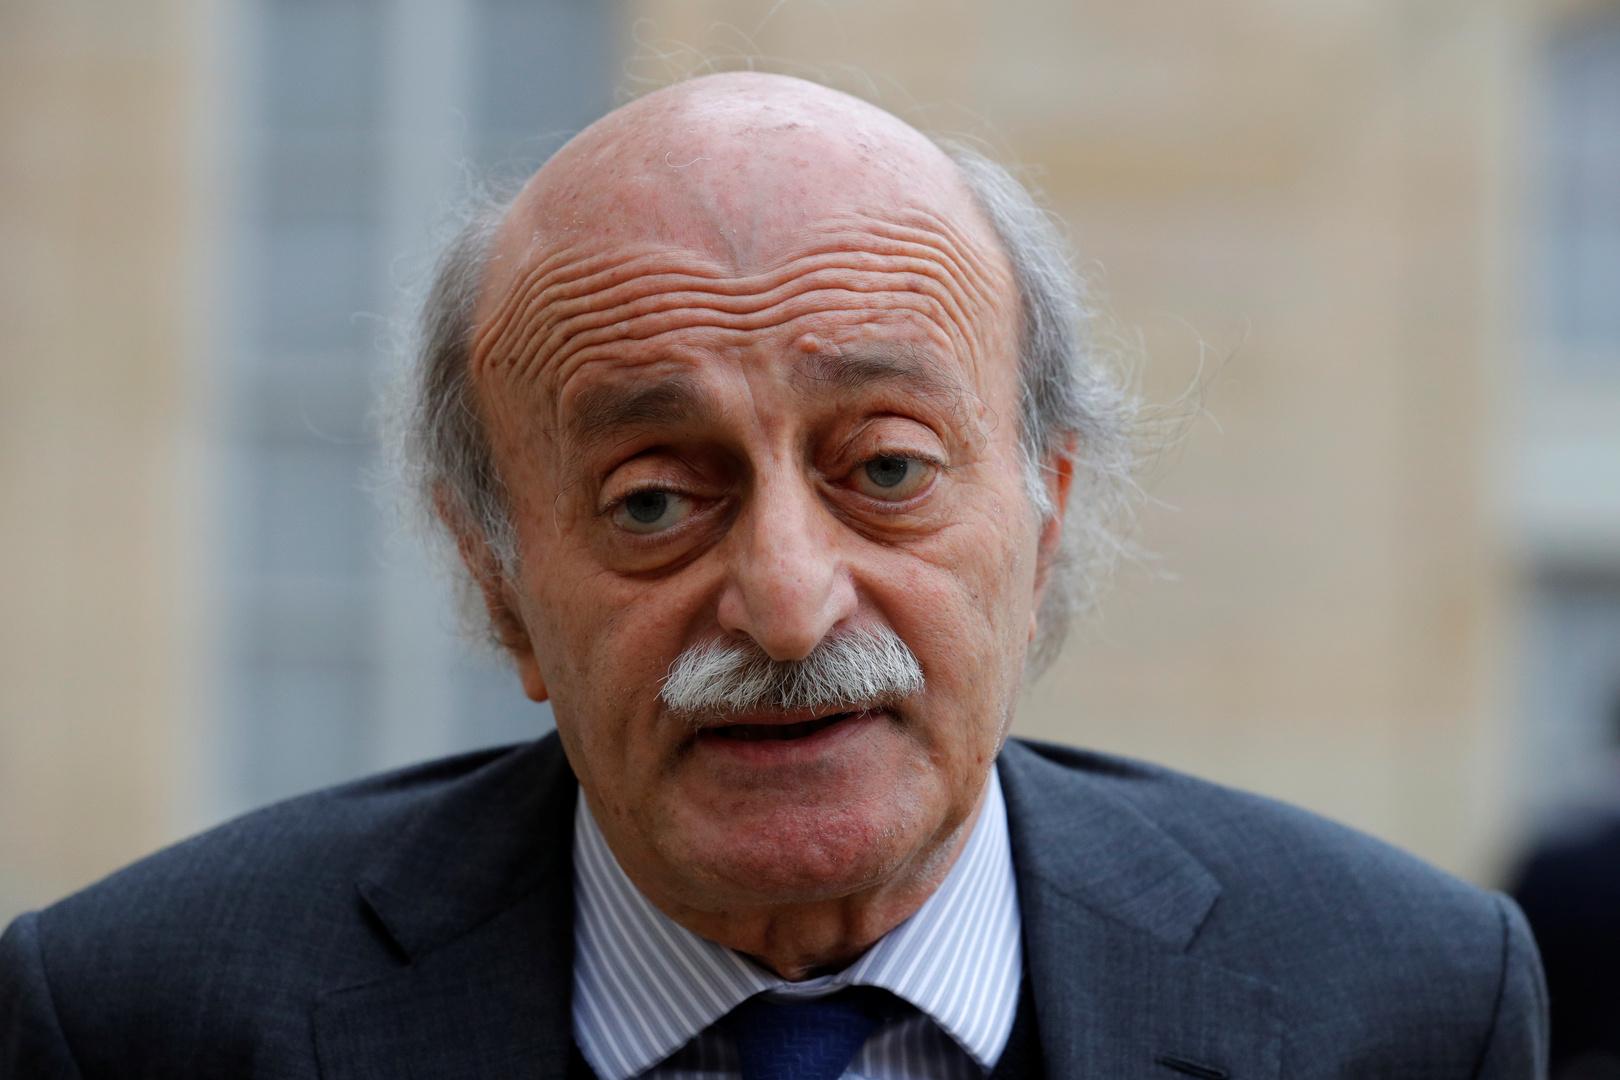 رئيس الحزب التقدمي الاشتراكي في لبنان، وليد جنبلاط